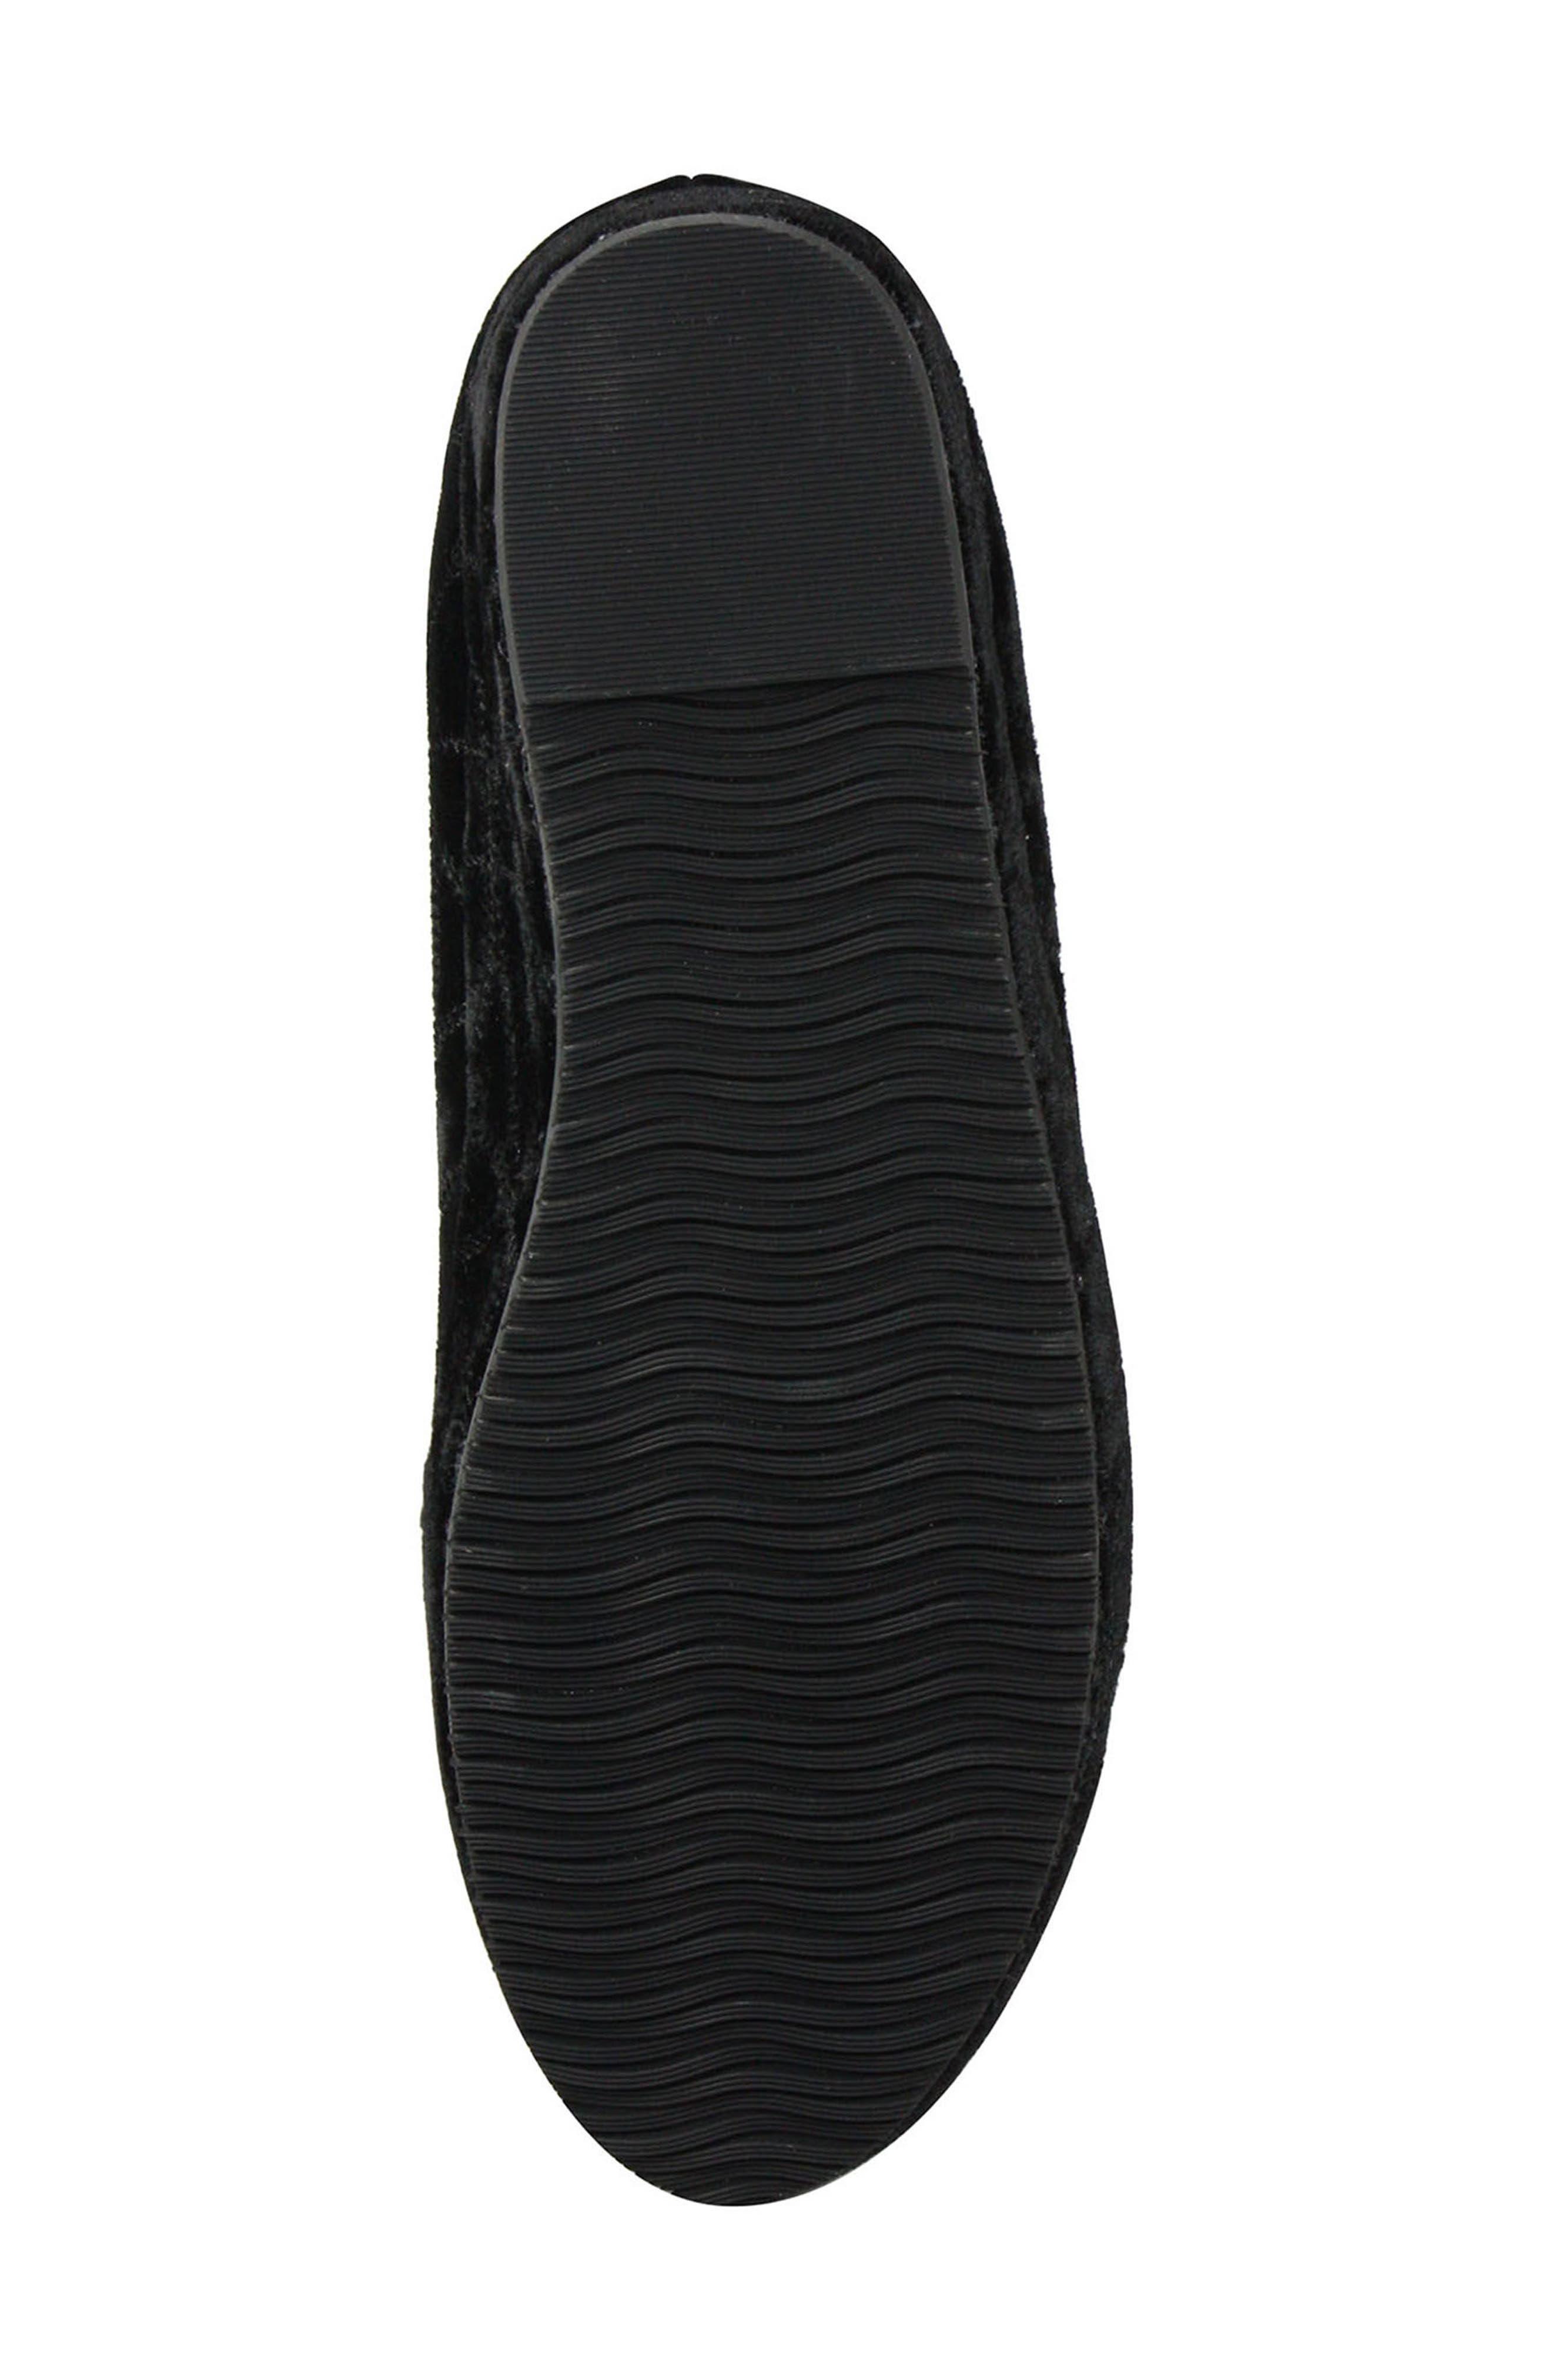 Carsoli Wedge Loafer,                             Alternate thumbnail 4, color,                             BLACK VELVET